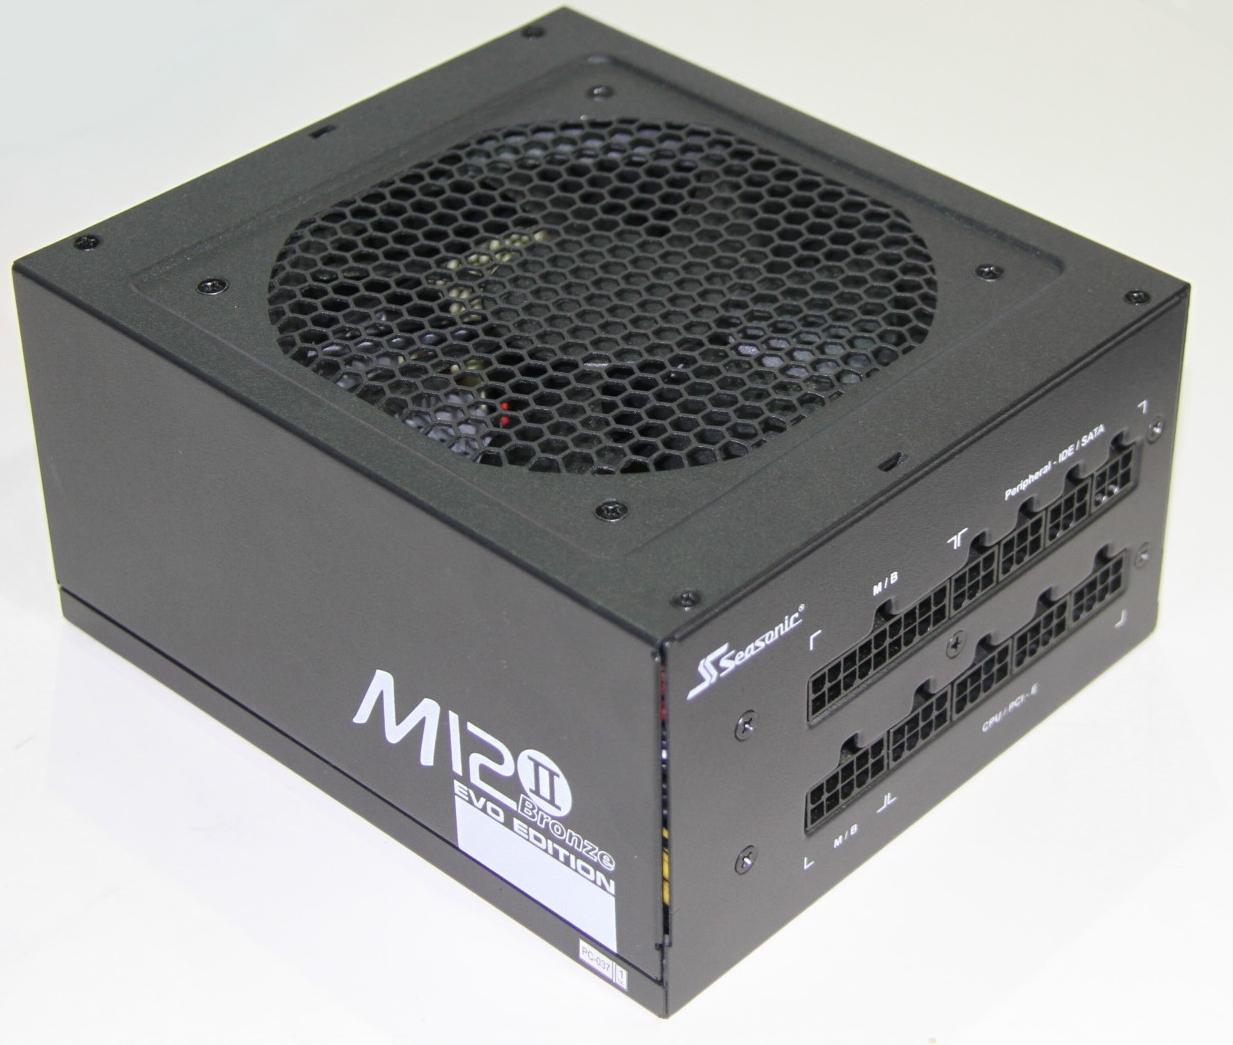 la-centrale-du-hardware-test-alimentation-seasonic-m12ii-evo-750